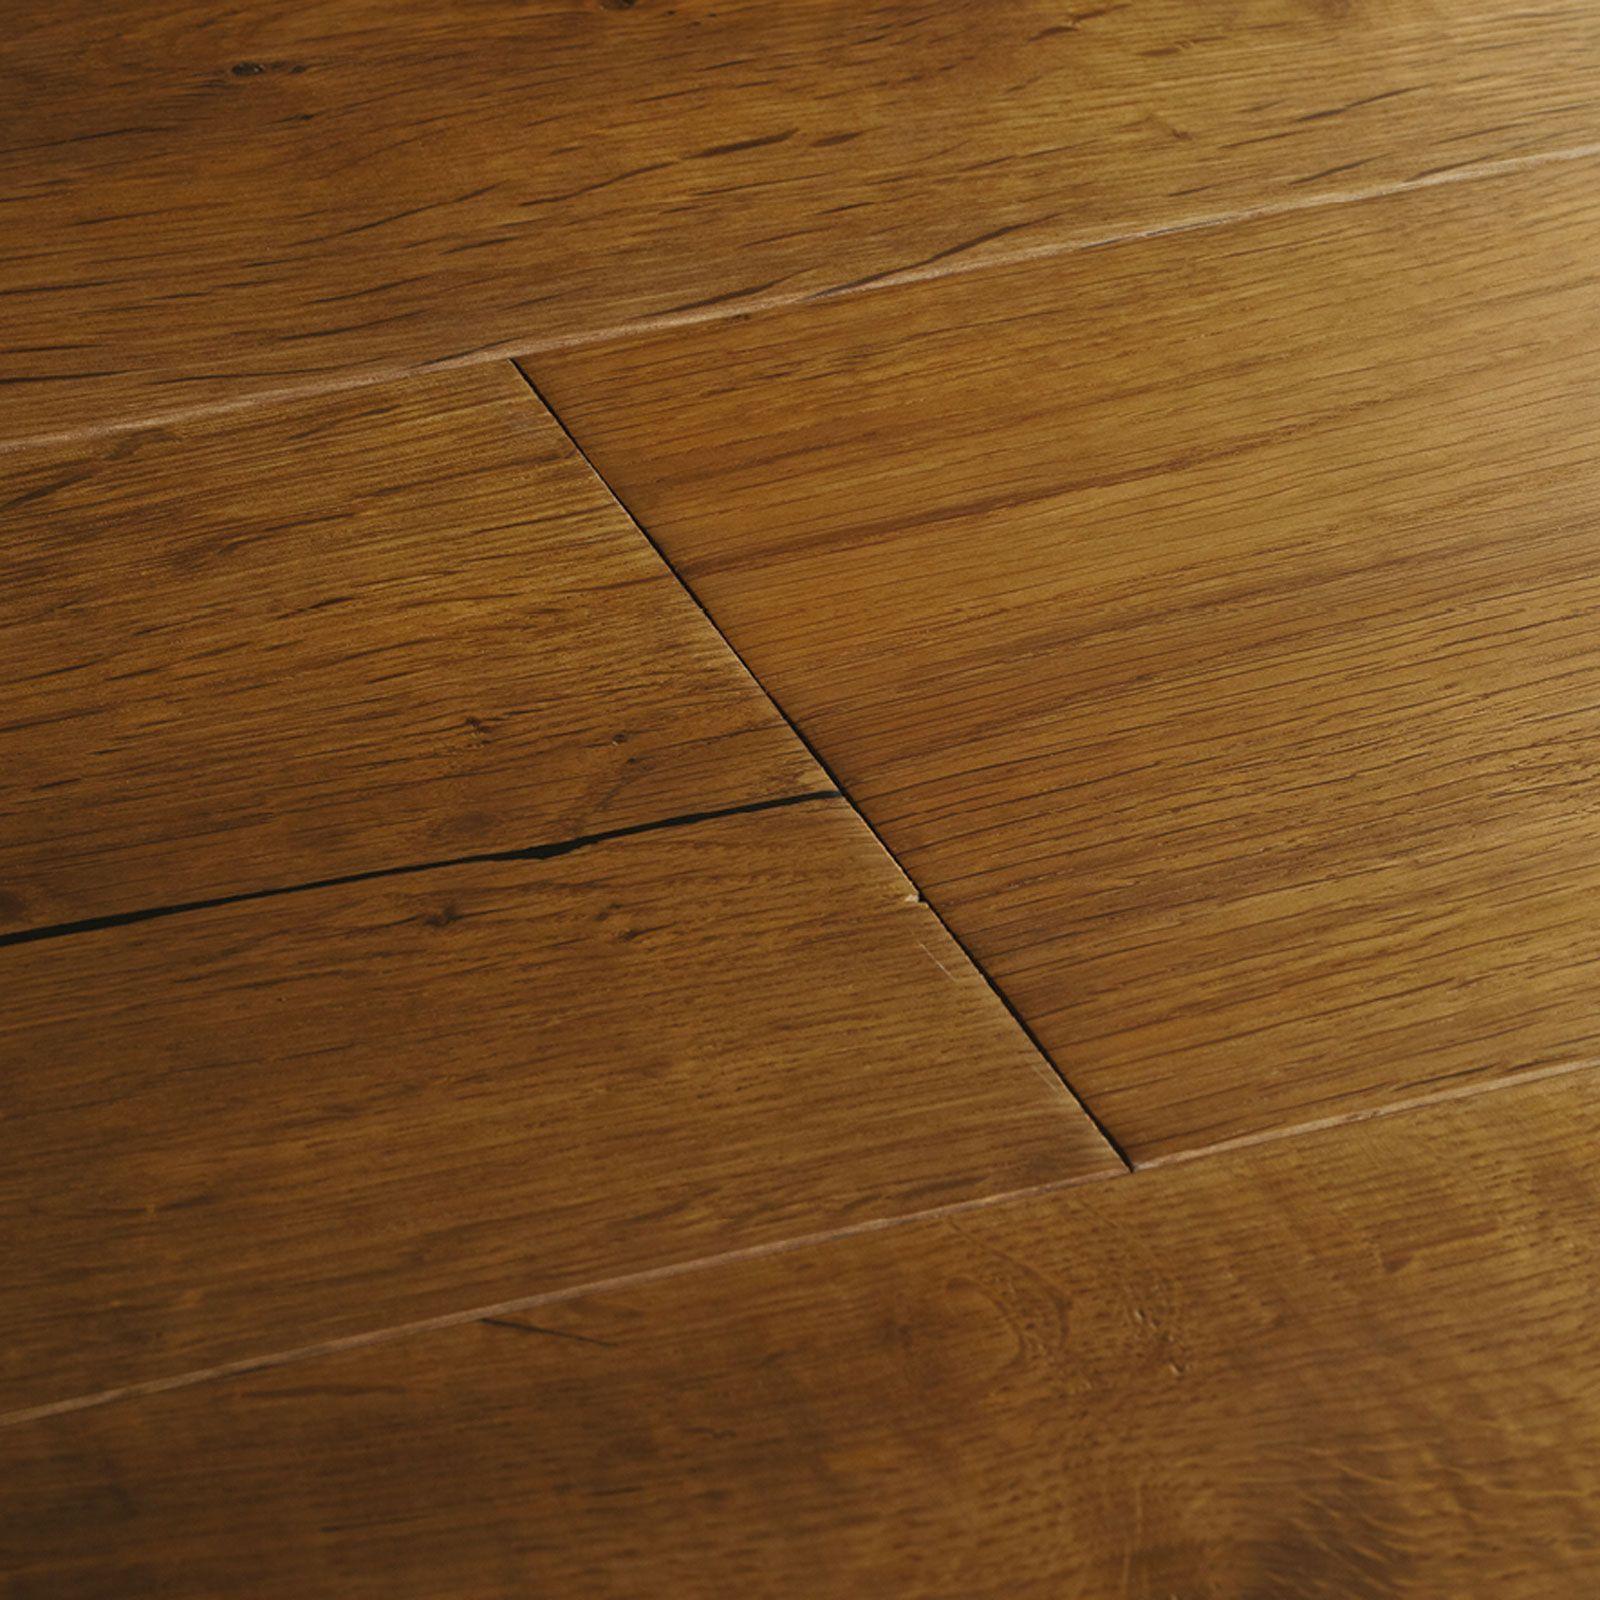 installing underlayment for hardwood floors of hardwood floor installation cost wood floor installation cost tags with regard to hardwood floor installation cost wood floor installation cost tags redo hardwood floors how long